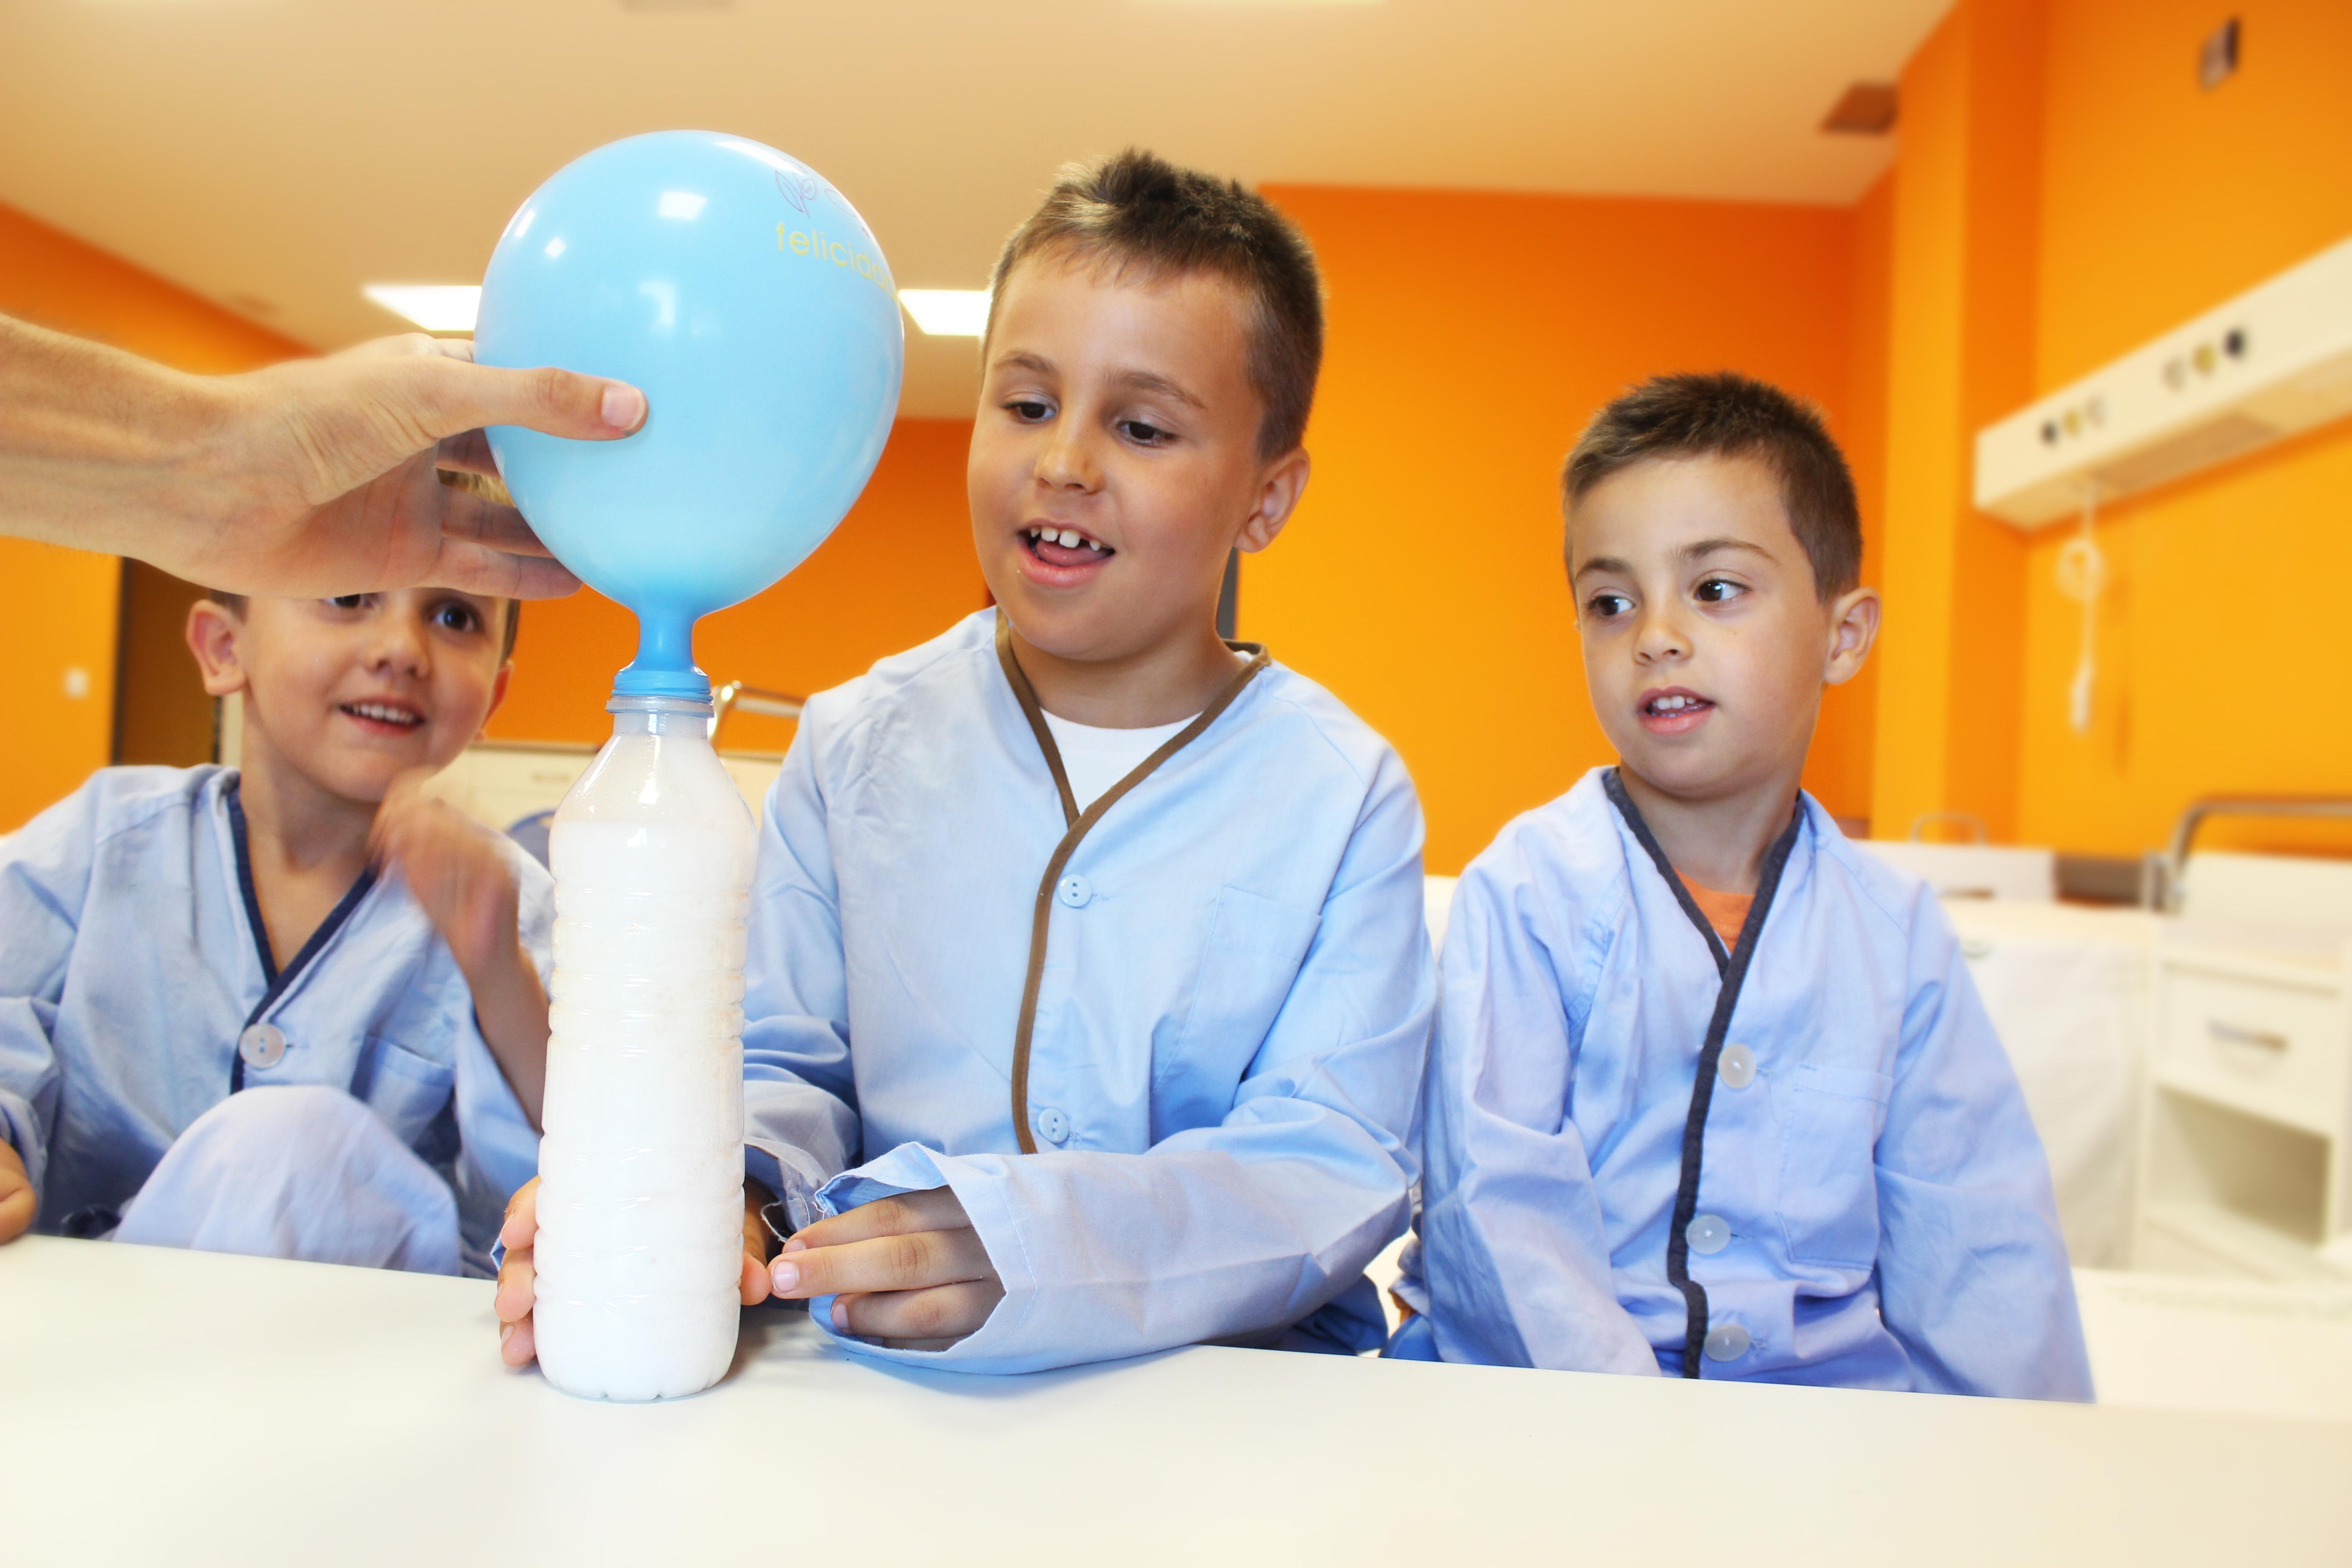 Fotografía de Cienciaterapia Experimento de Andrea en el hospital